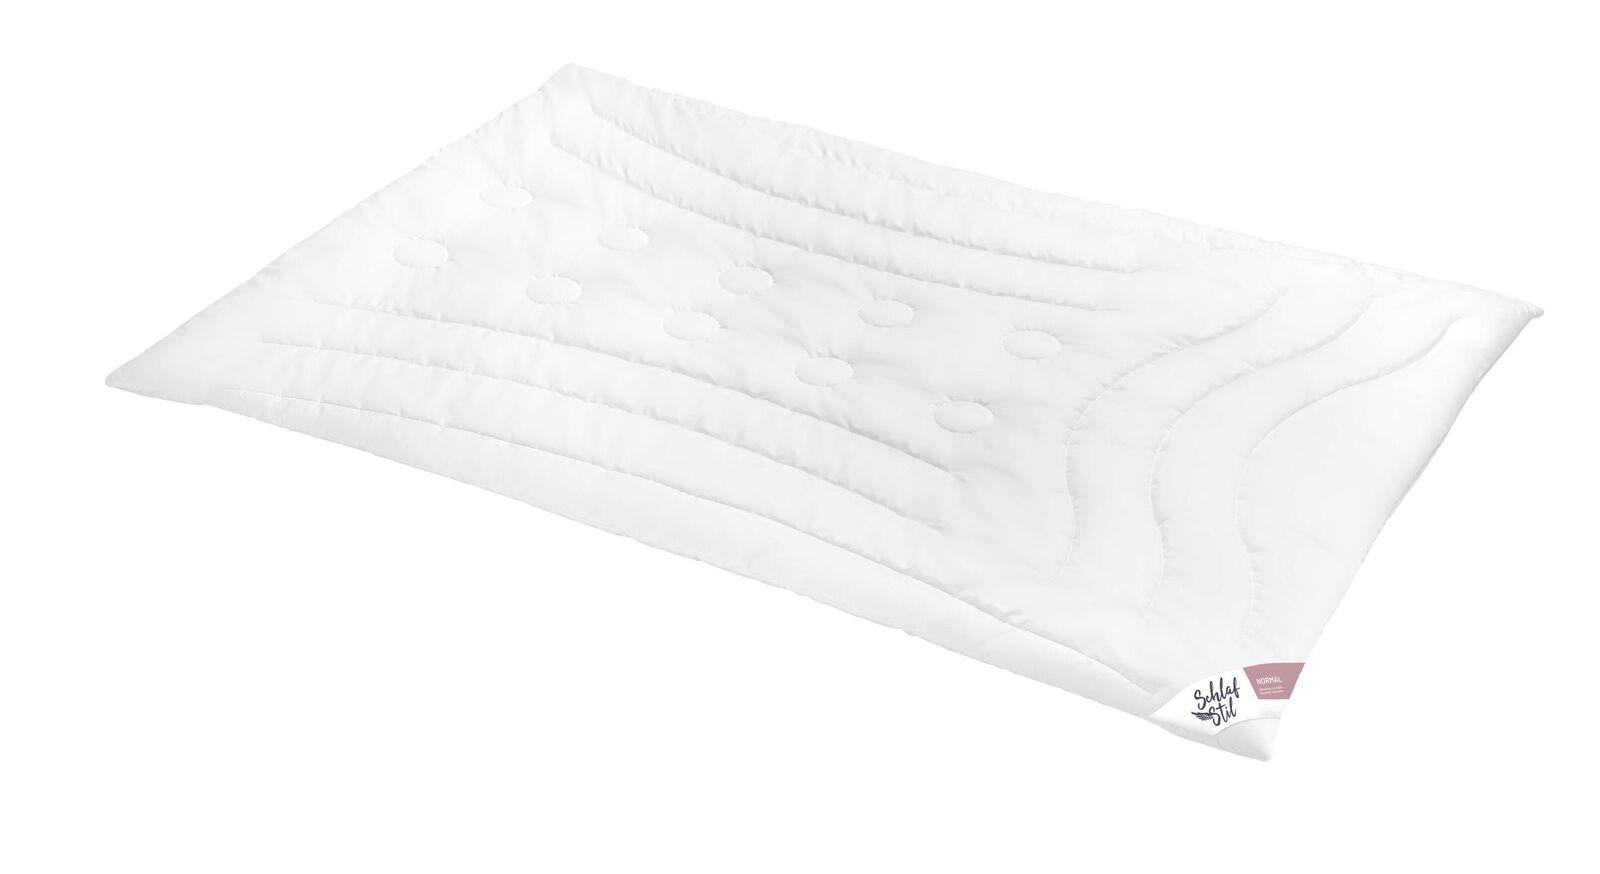 SCHLAFSTIL Kamelhaar-Flaum-Bettdecke N500 für normalen Wärmebedarf